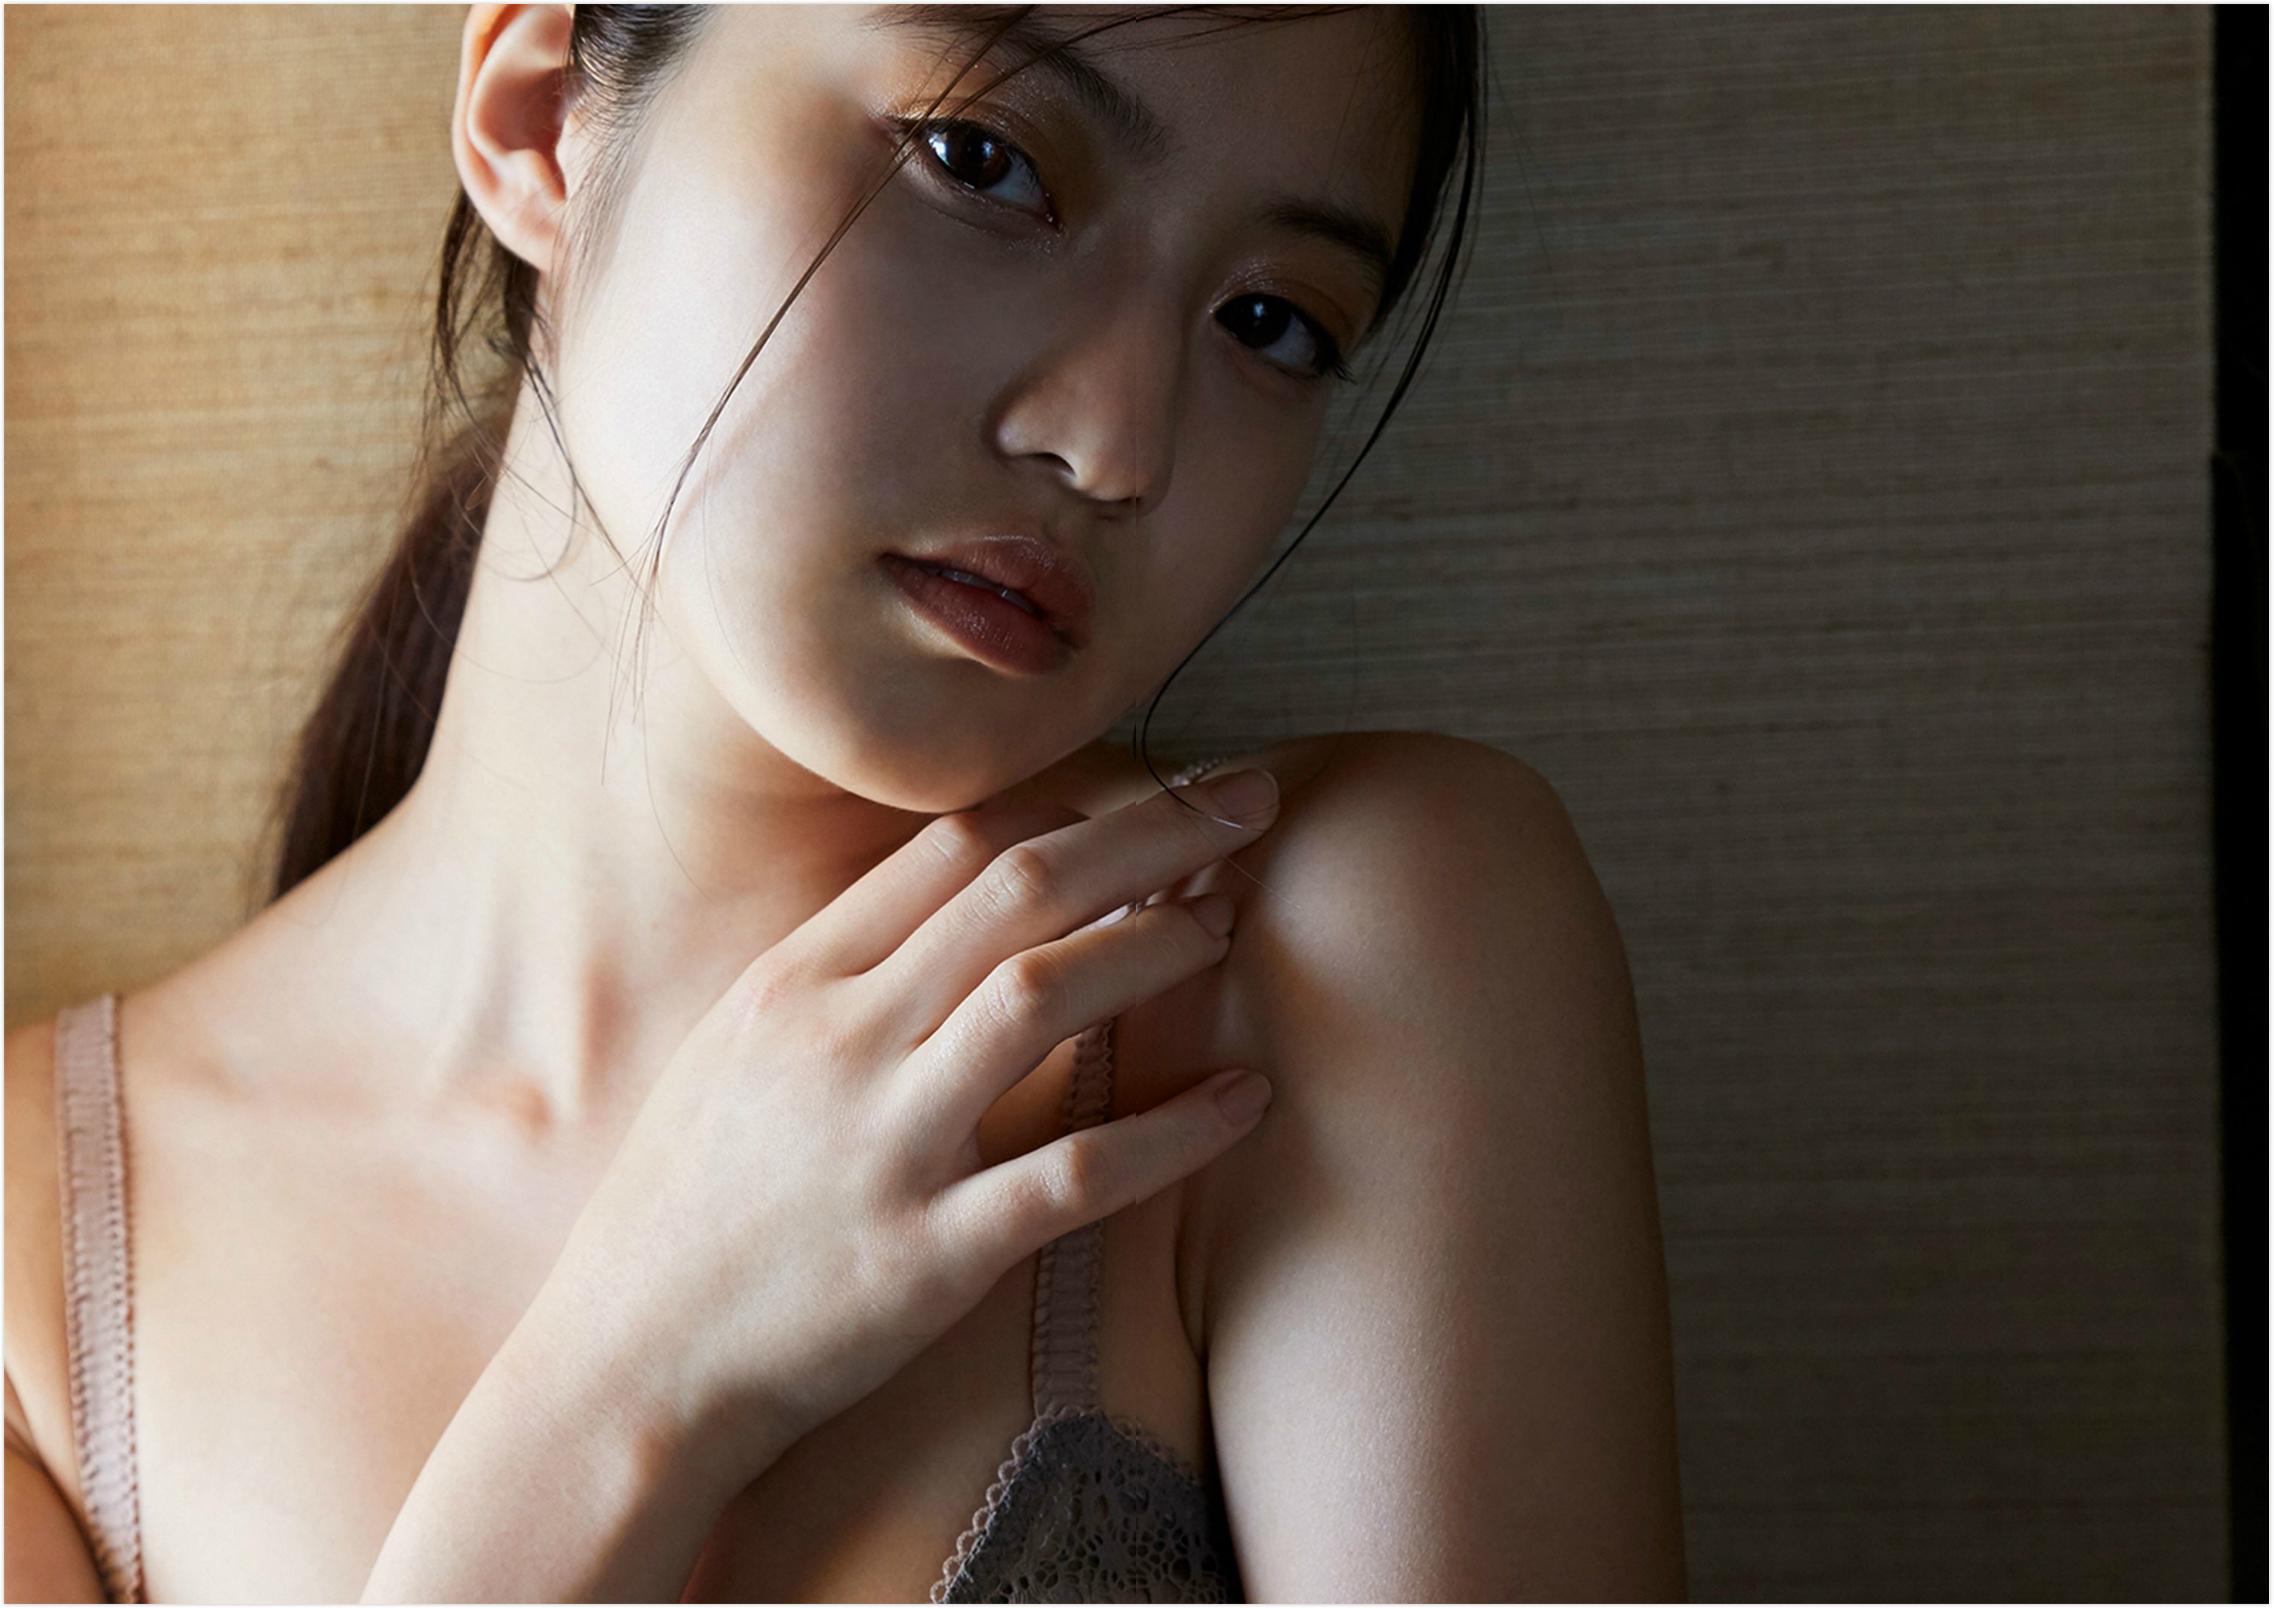 今田美樱 写真集82-83